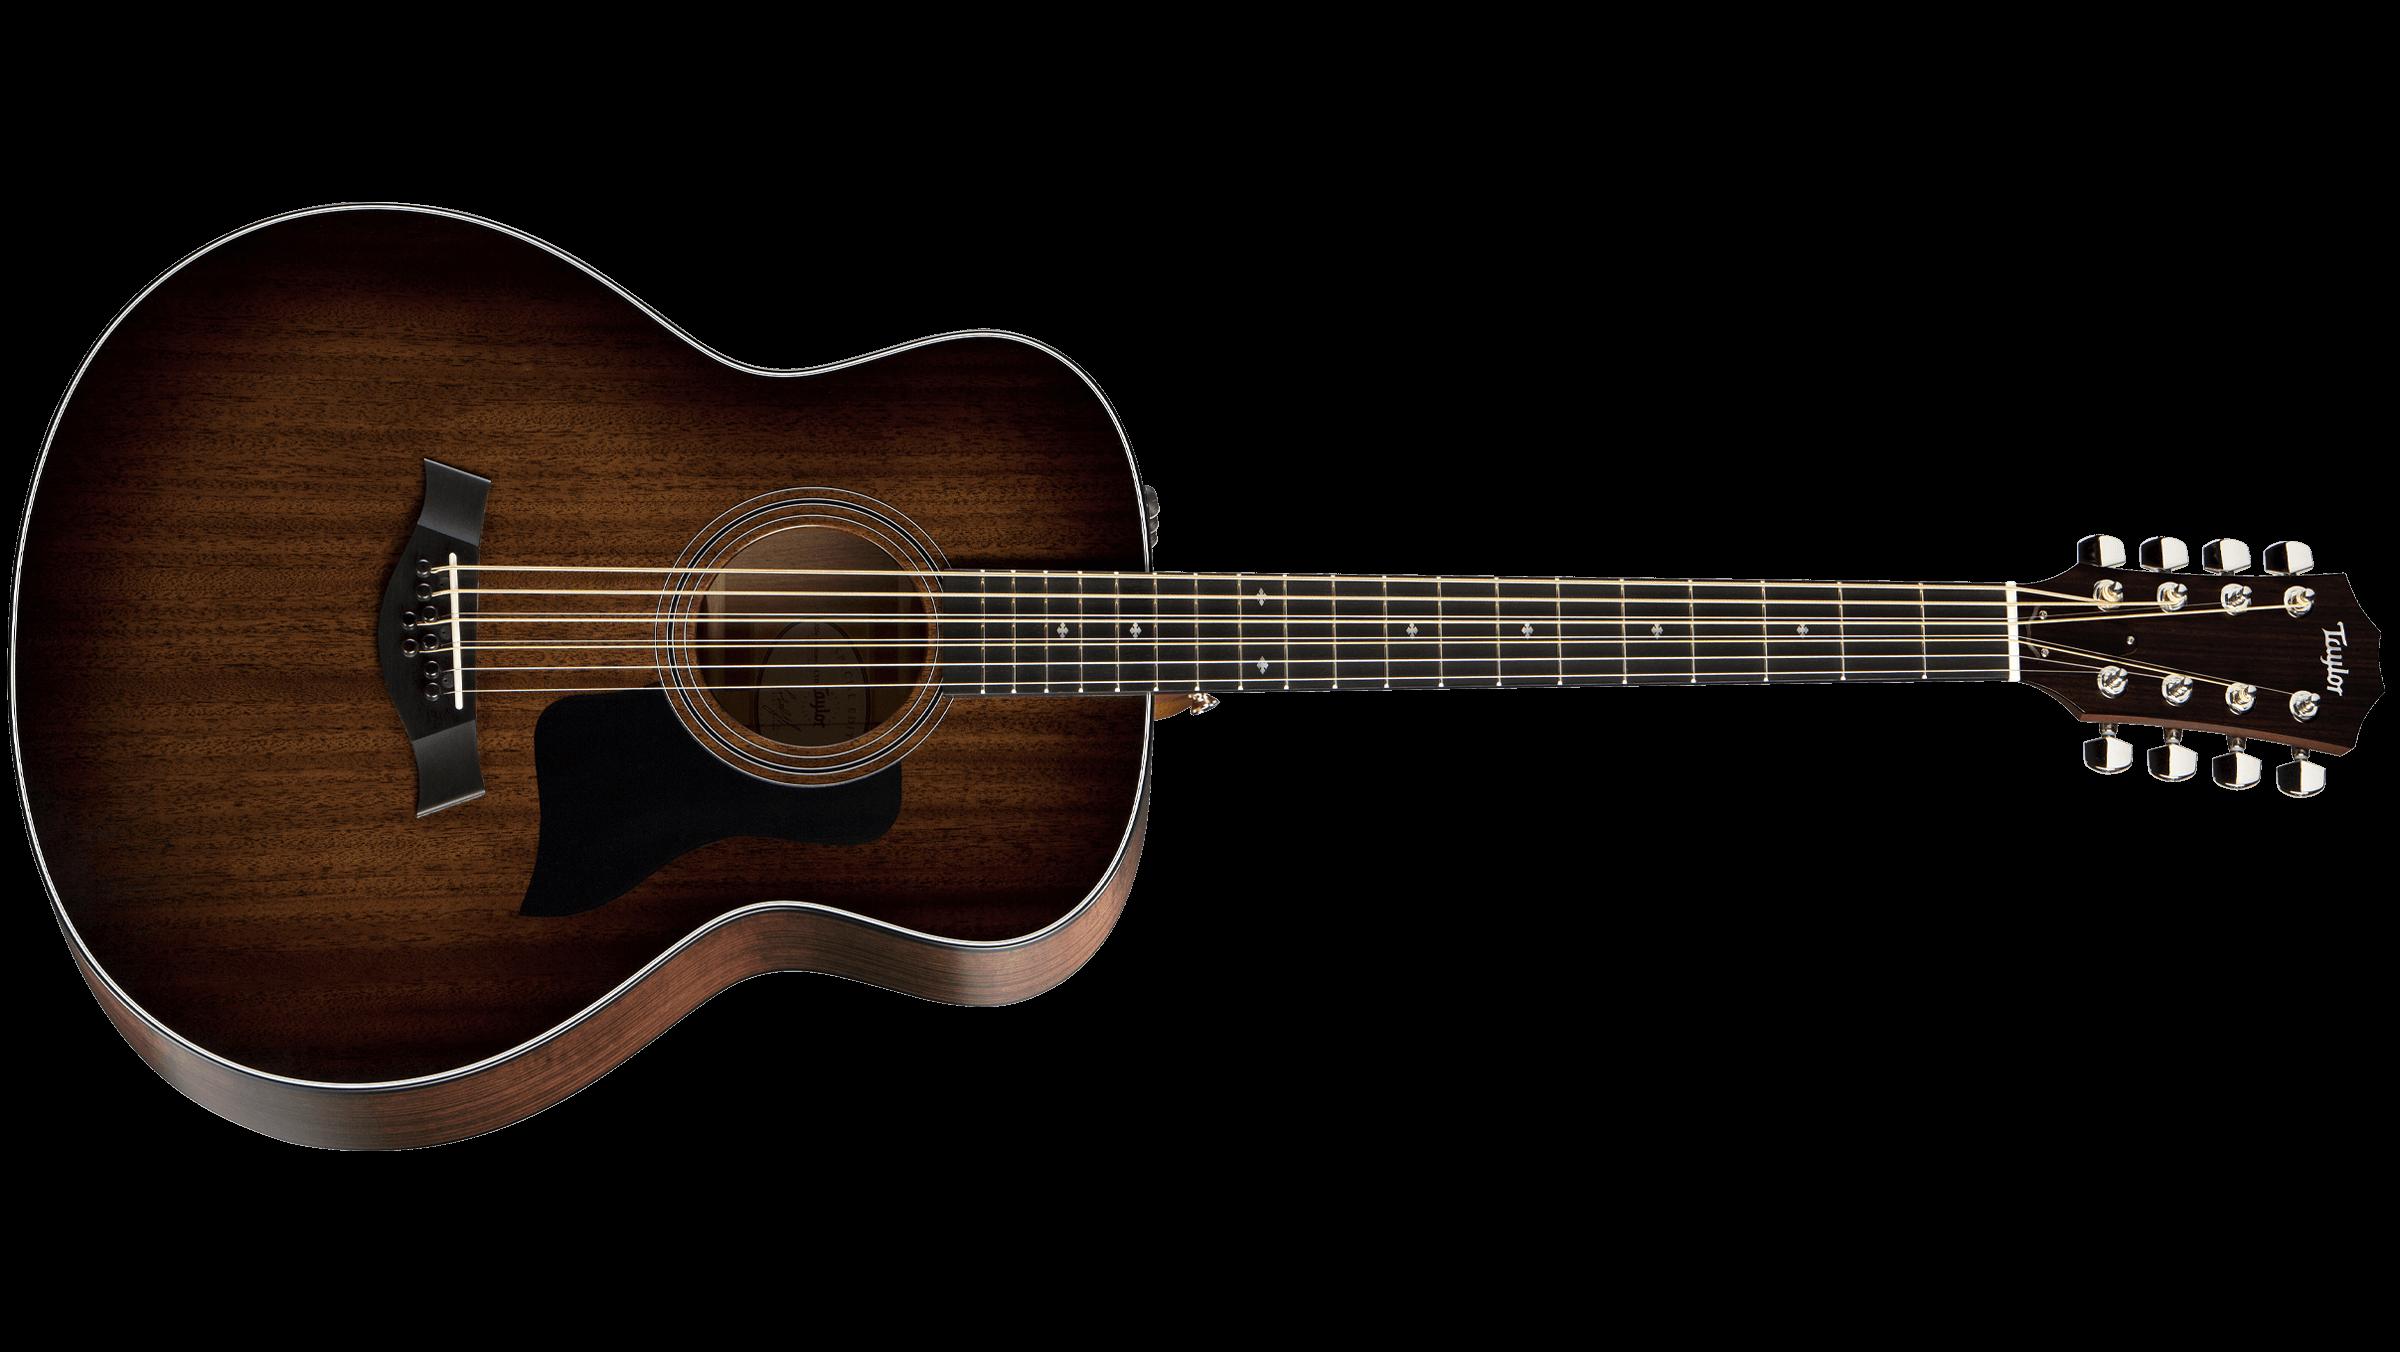 Taylor-326e-Bari-8-LTD-fr-2017